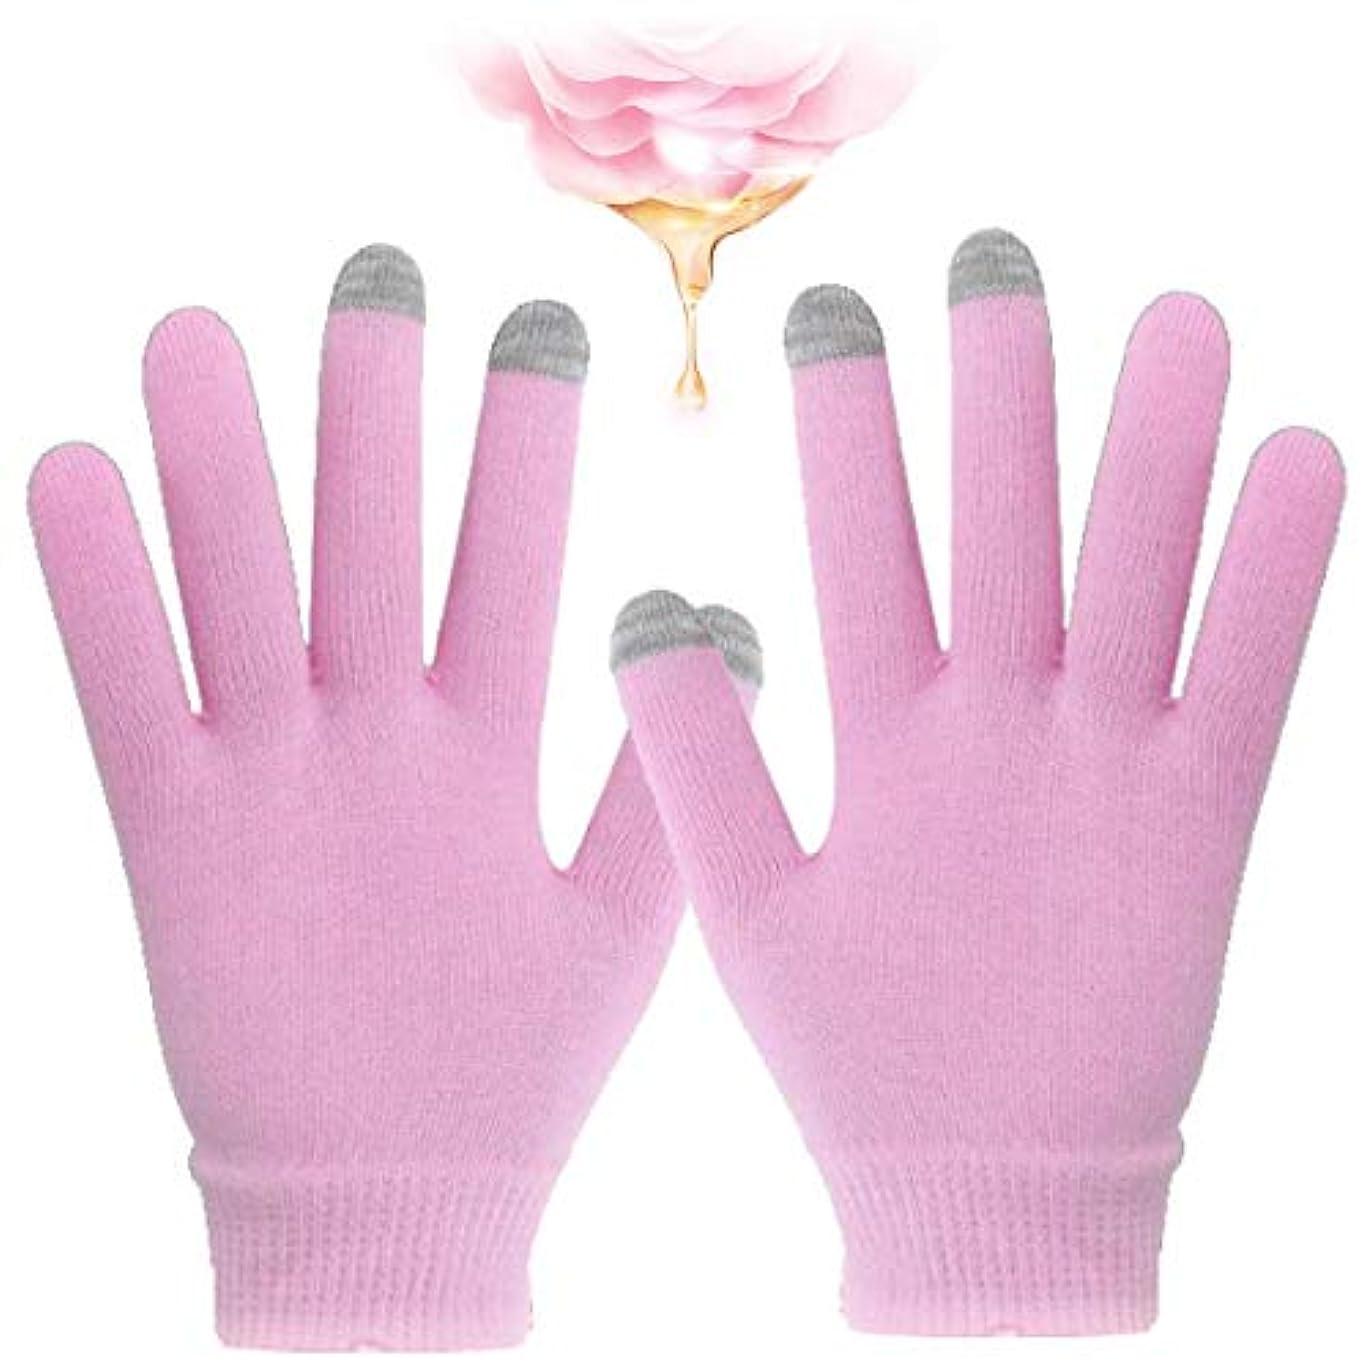 通信網国方法ハンドケア 手袋 スマホ対応 手袋 ゲル 保湿 美容成分配合 手荒れ 対策 おやすみ スキンケア グローブ うるおい 保護 タブレット